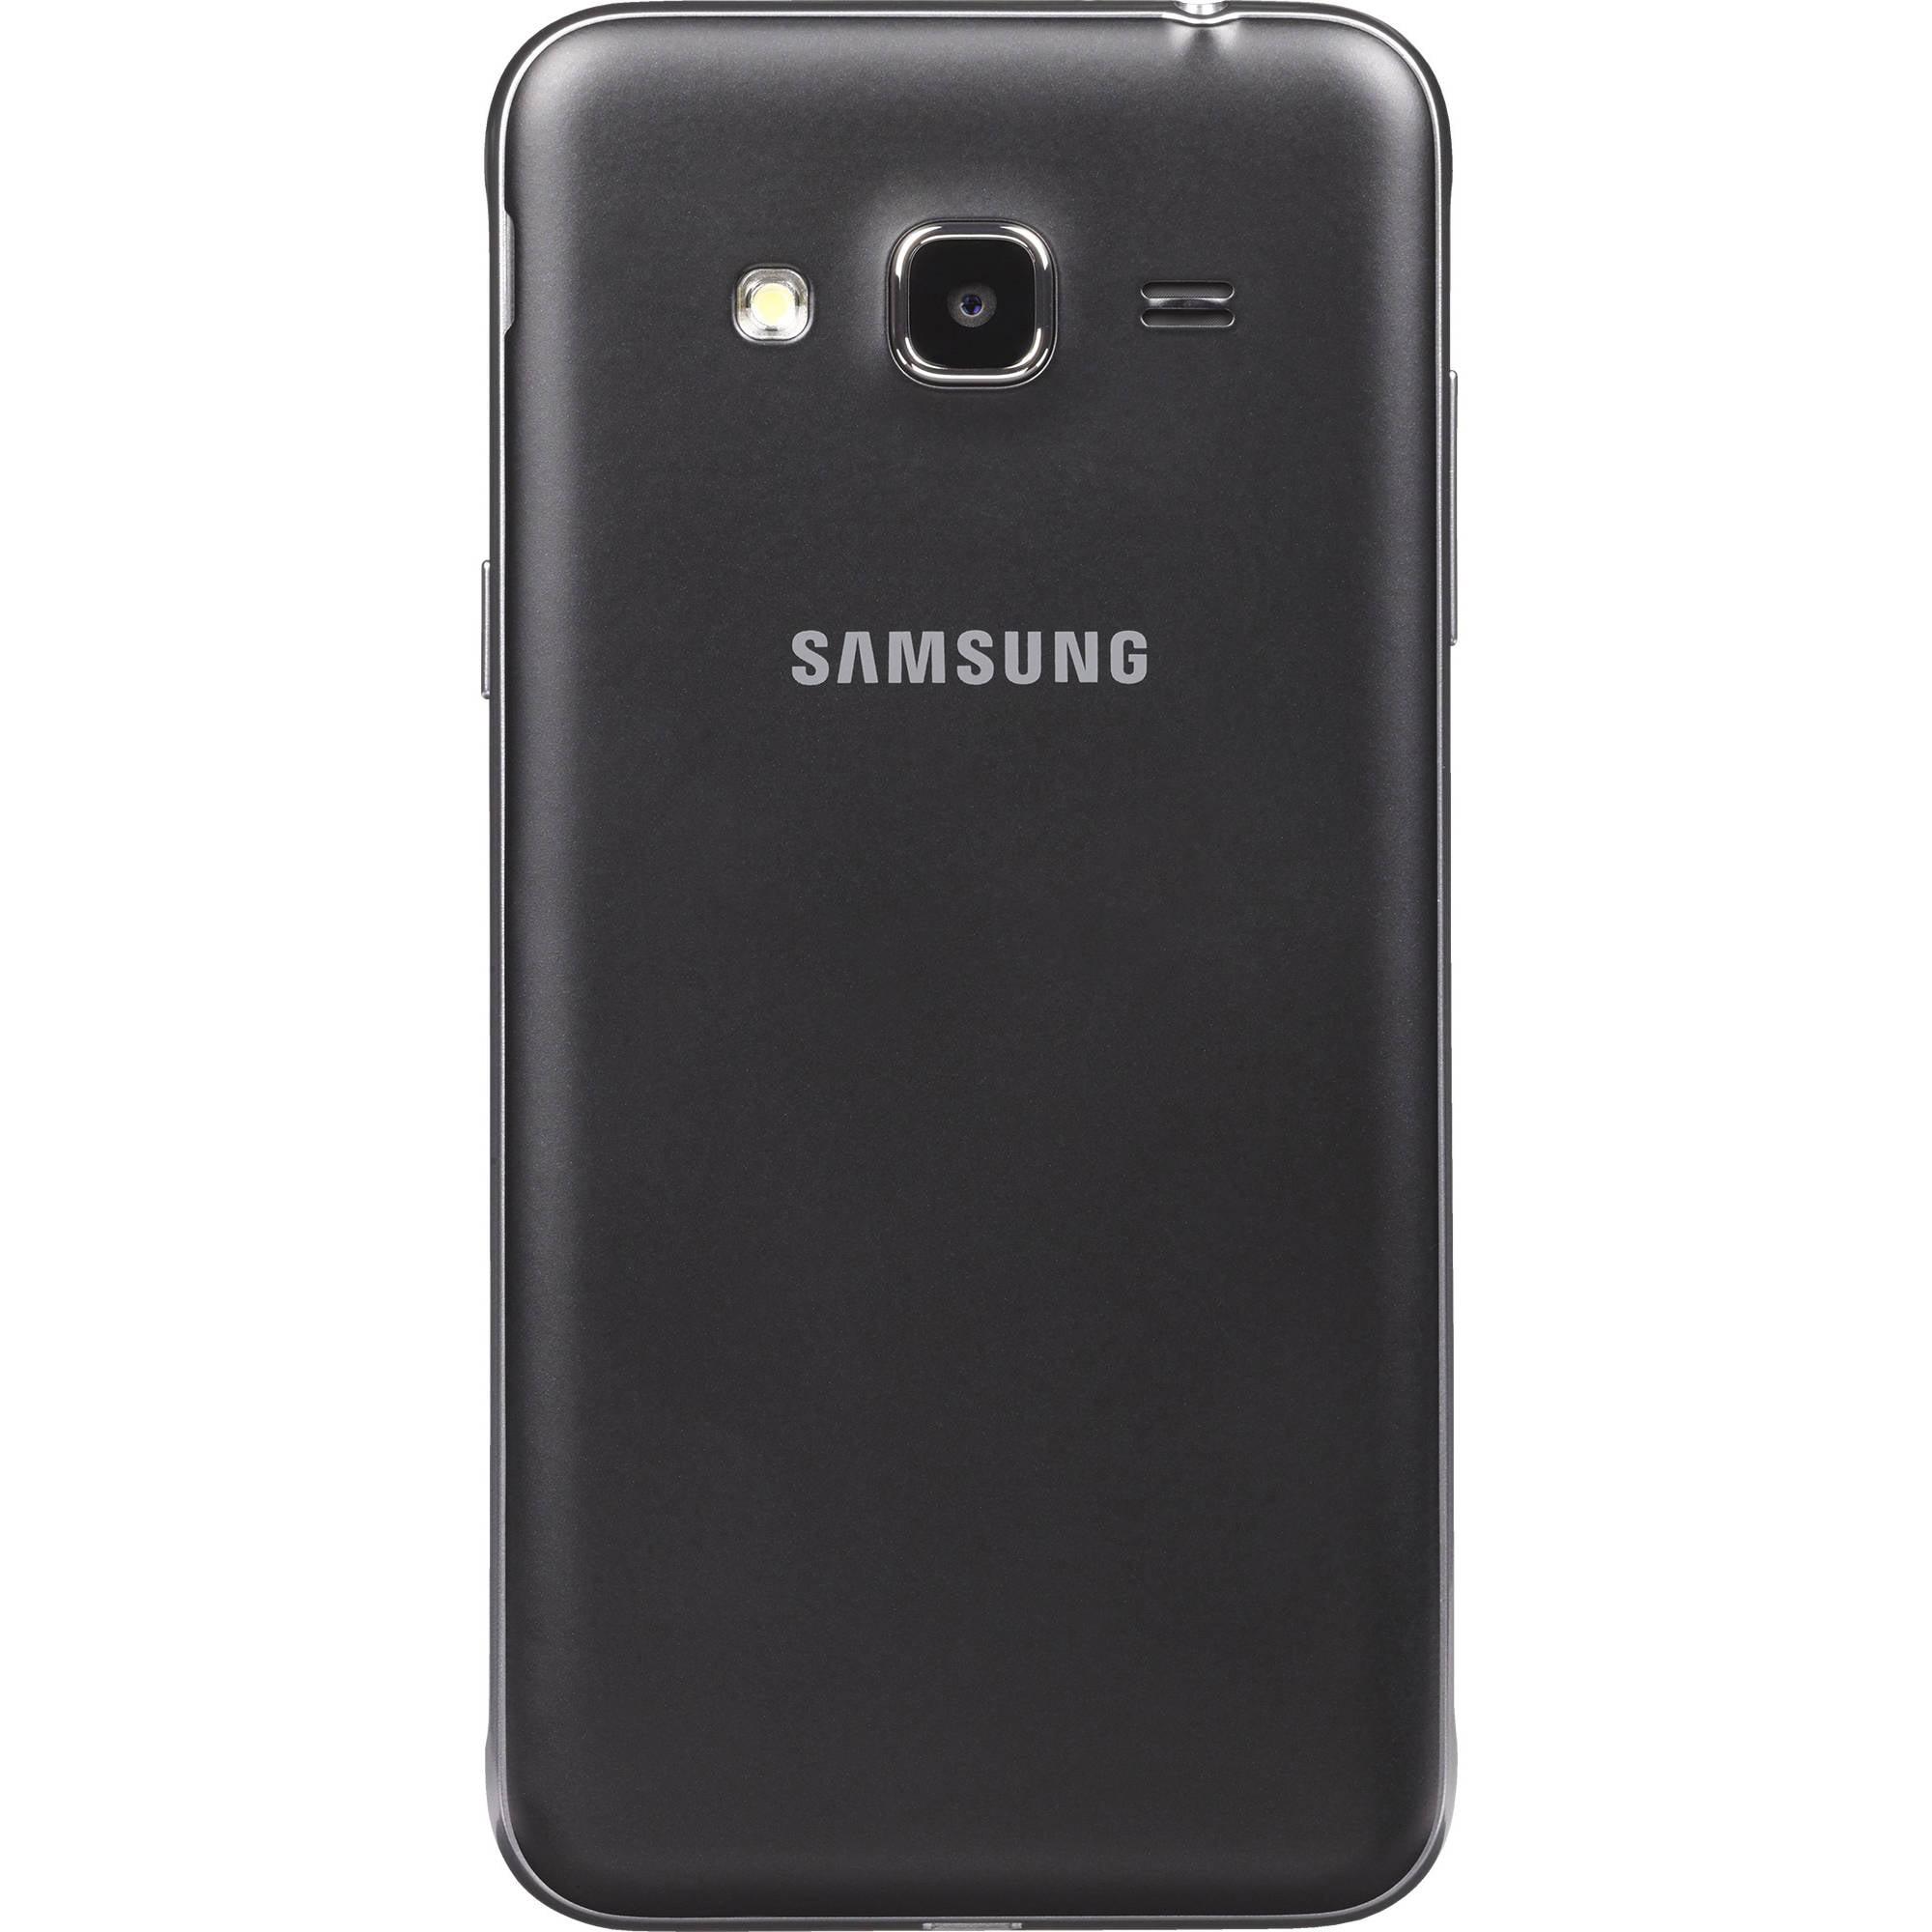 Straight talk samsung galaxy j3 sky 16gb prepaid smartphone black straight talk samsung galaxy j3 sky 16gb prepaid smartphone black walmart biocorpaavc